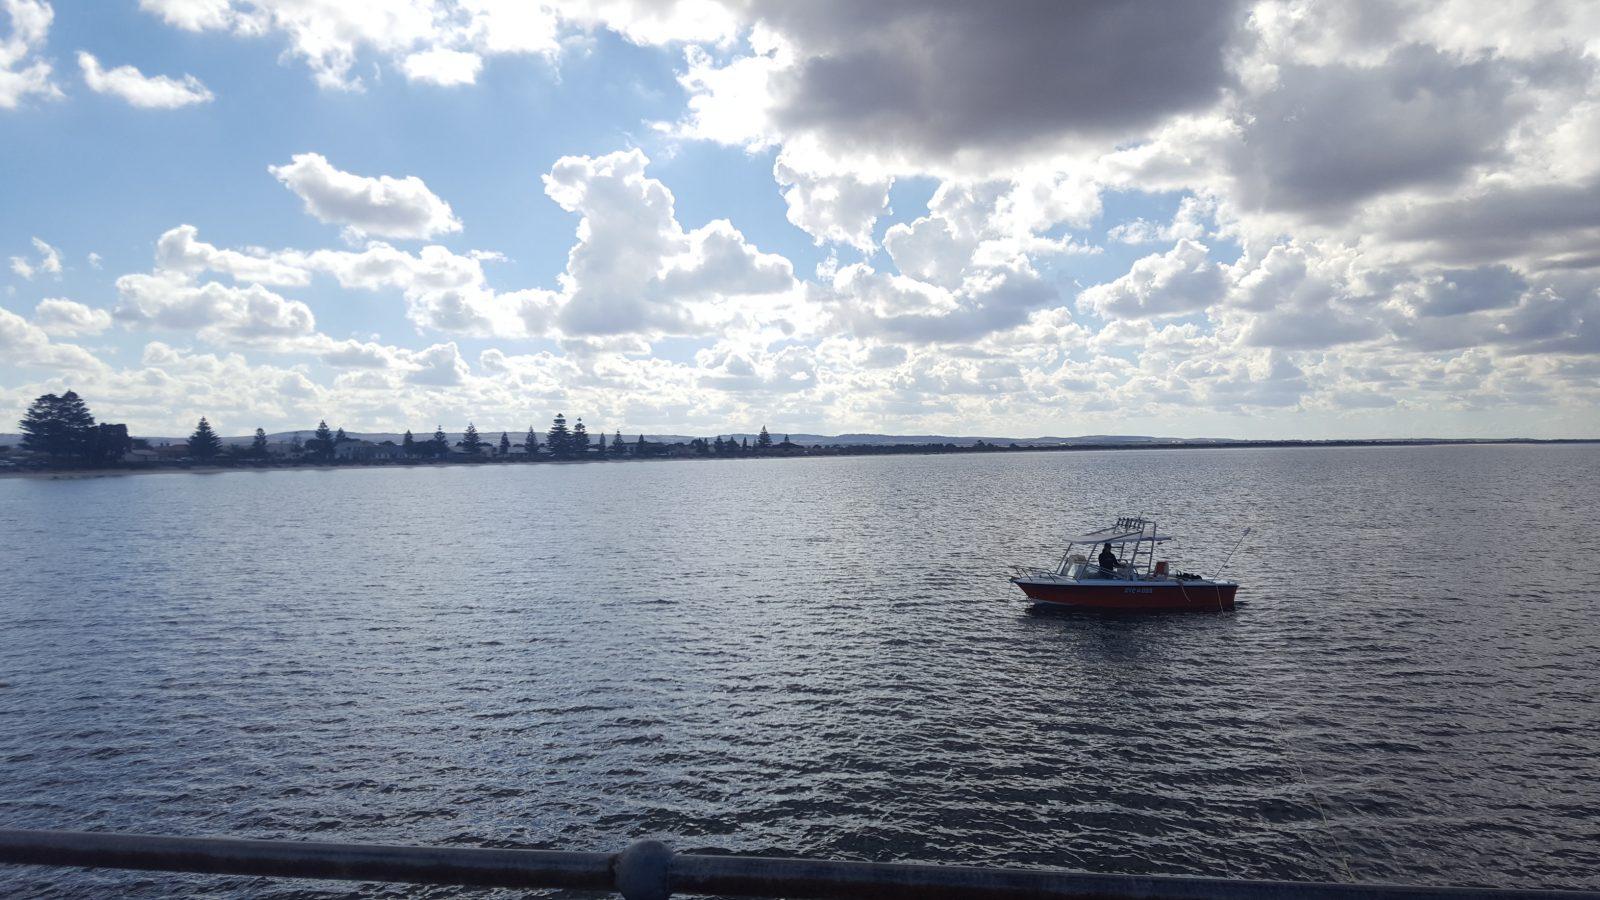 Baie Tumby Bay